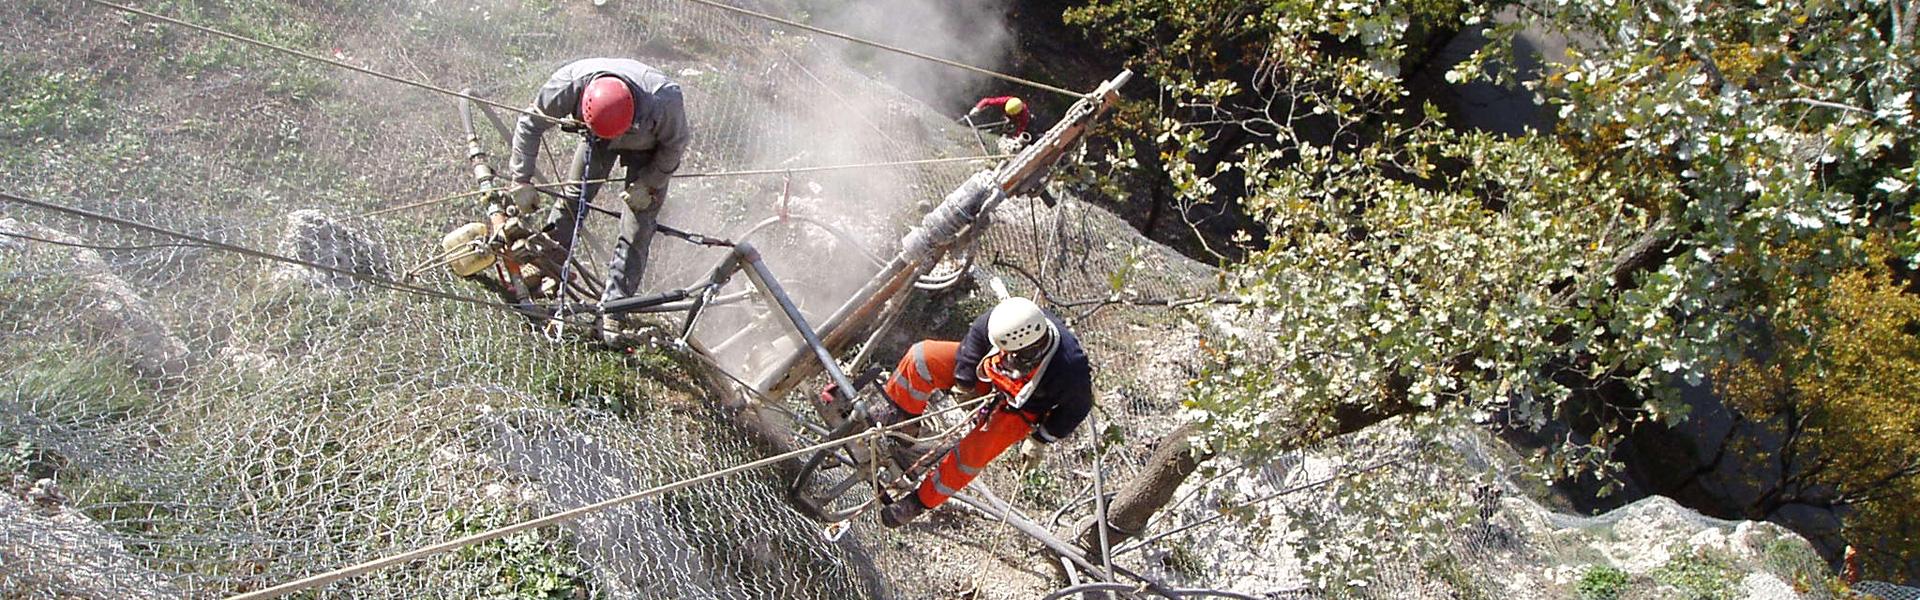 Operatori intenti nel lavoro su reti paramassi